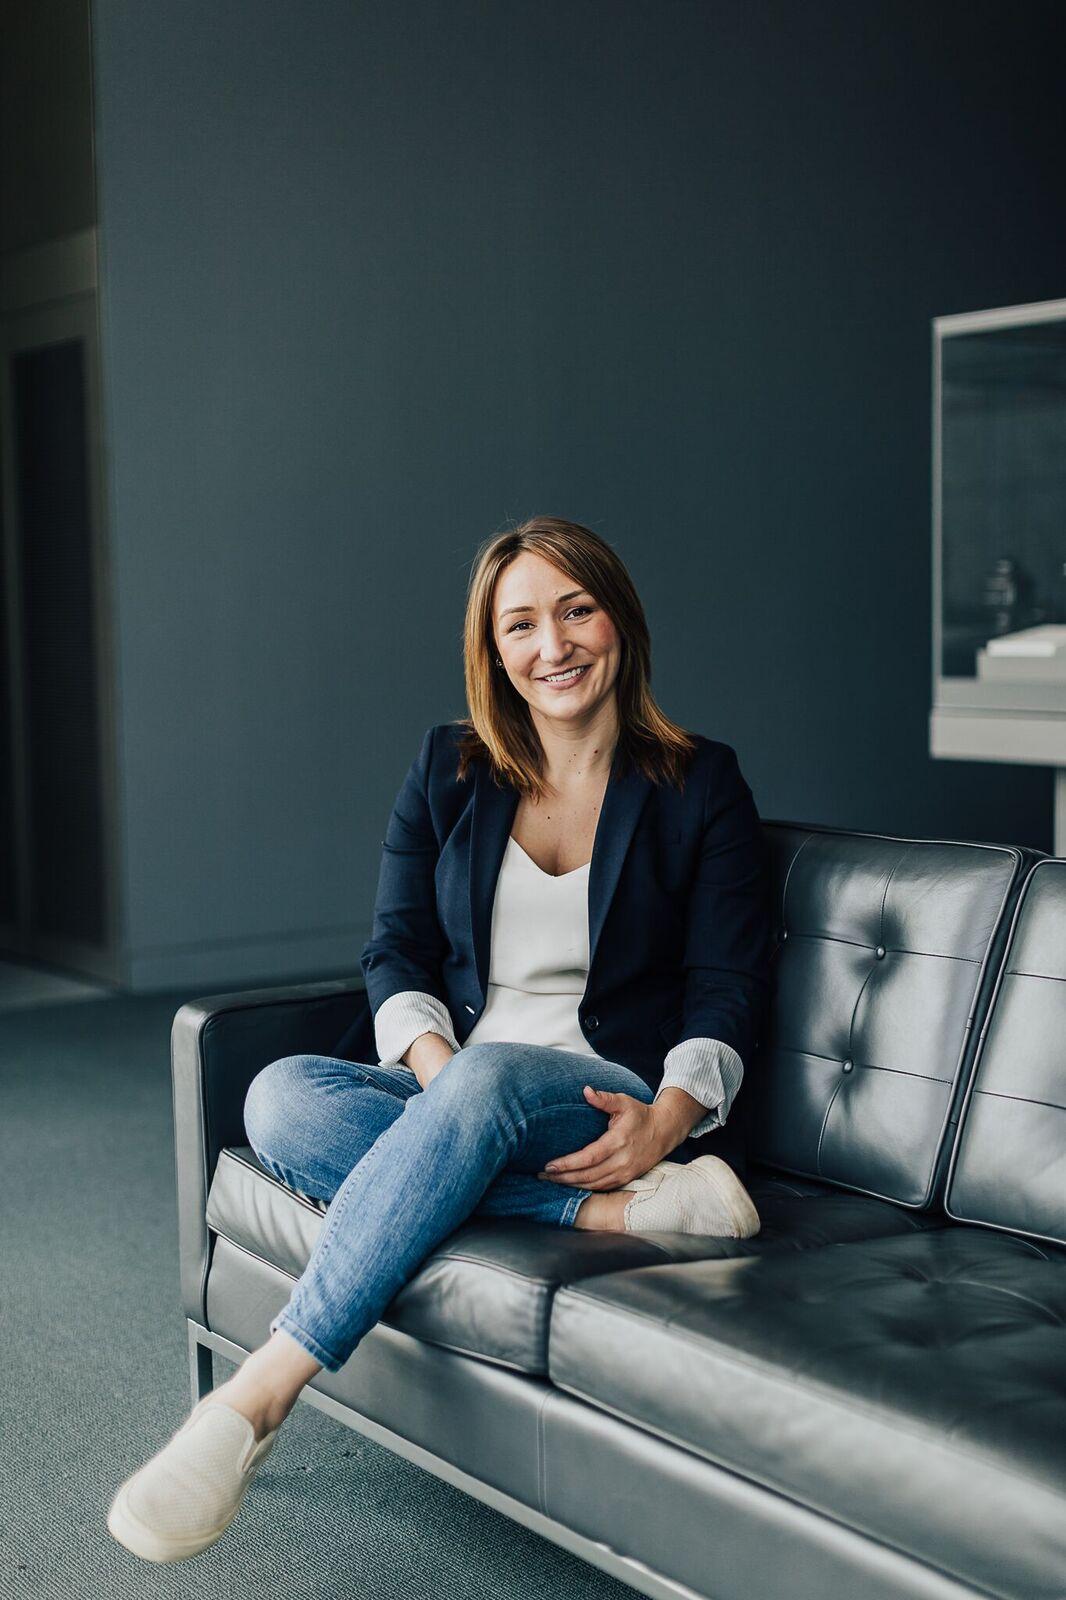 The Design Salon In The Company Of Boston Creative Women